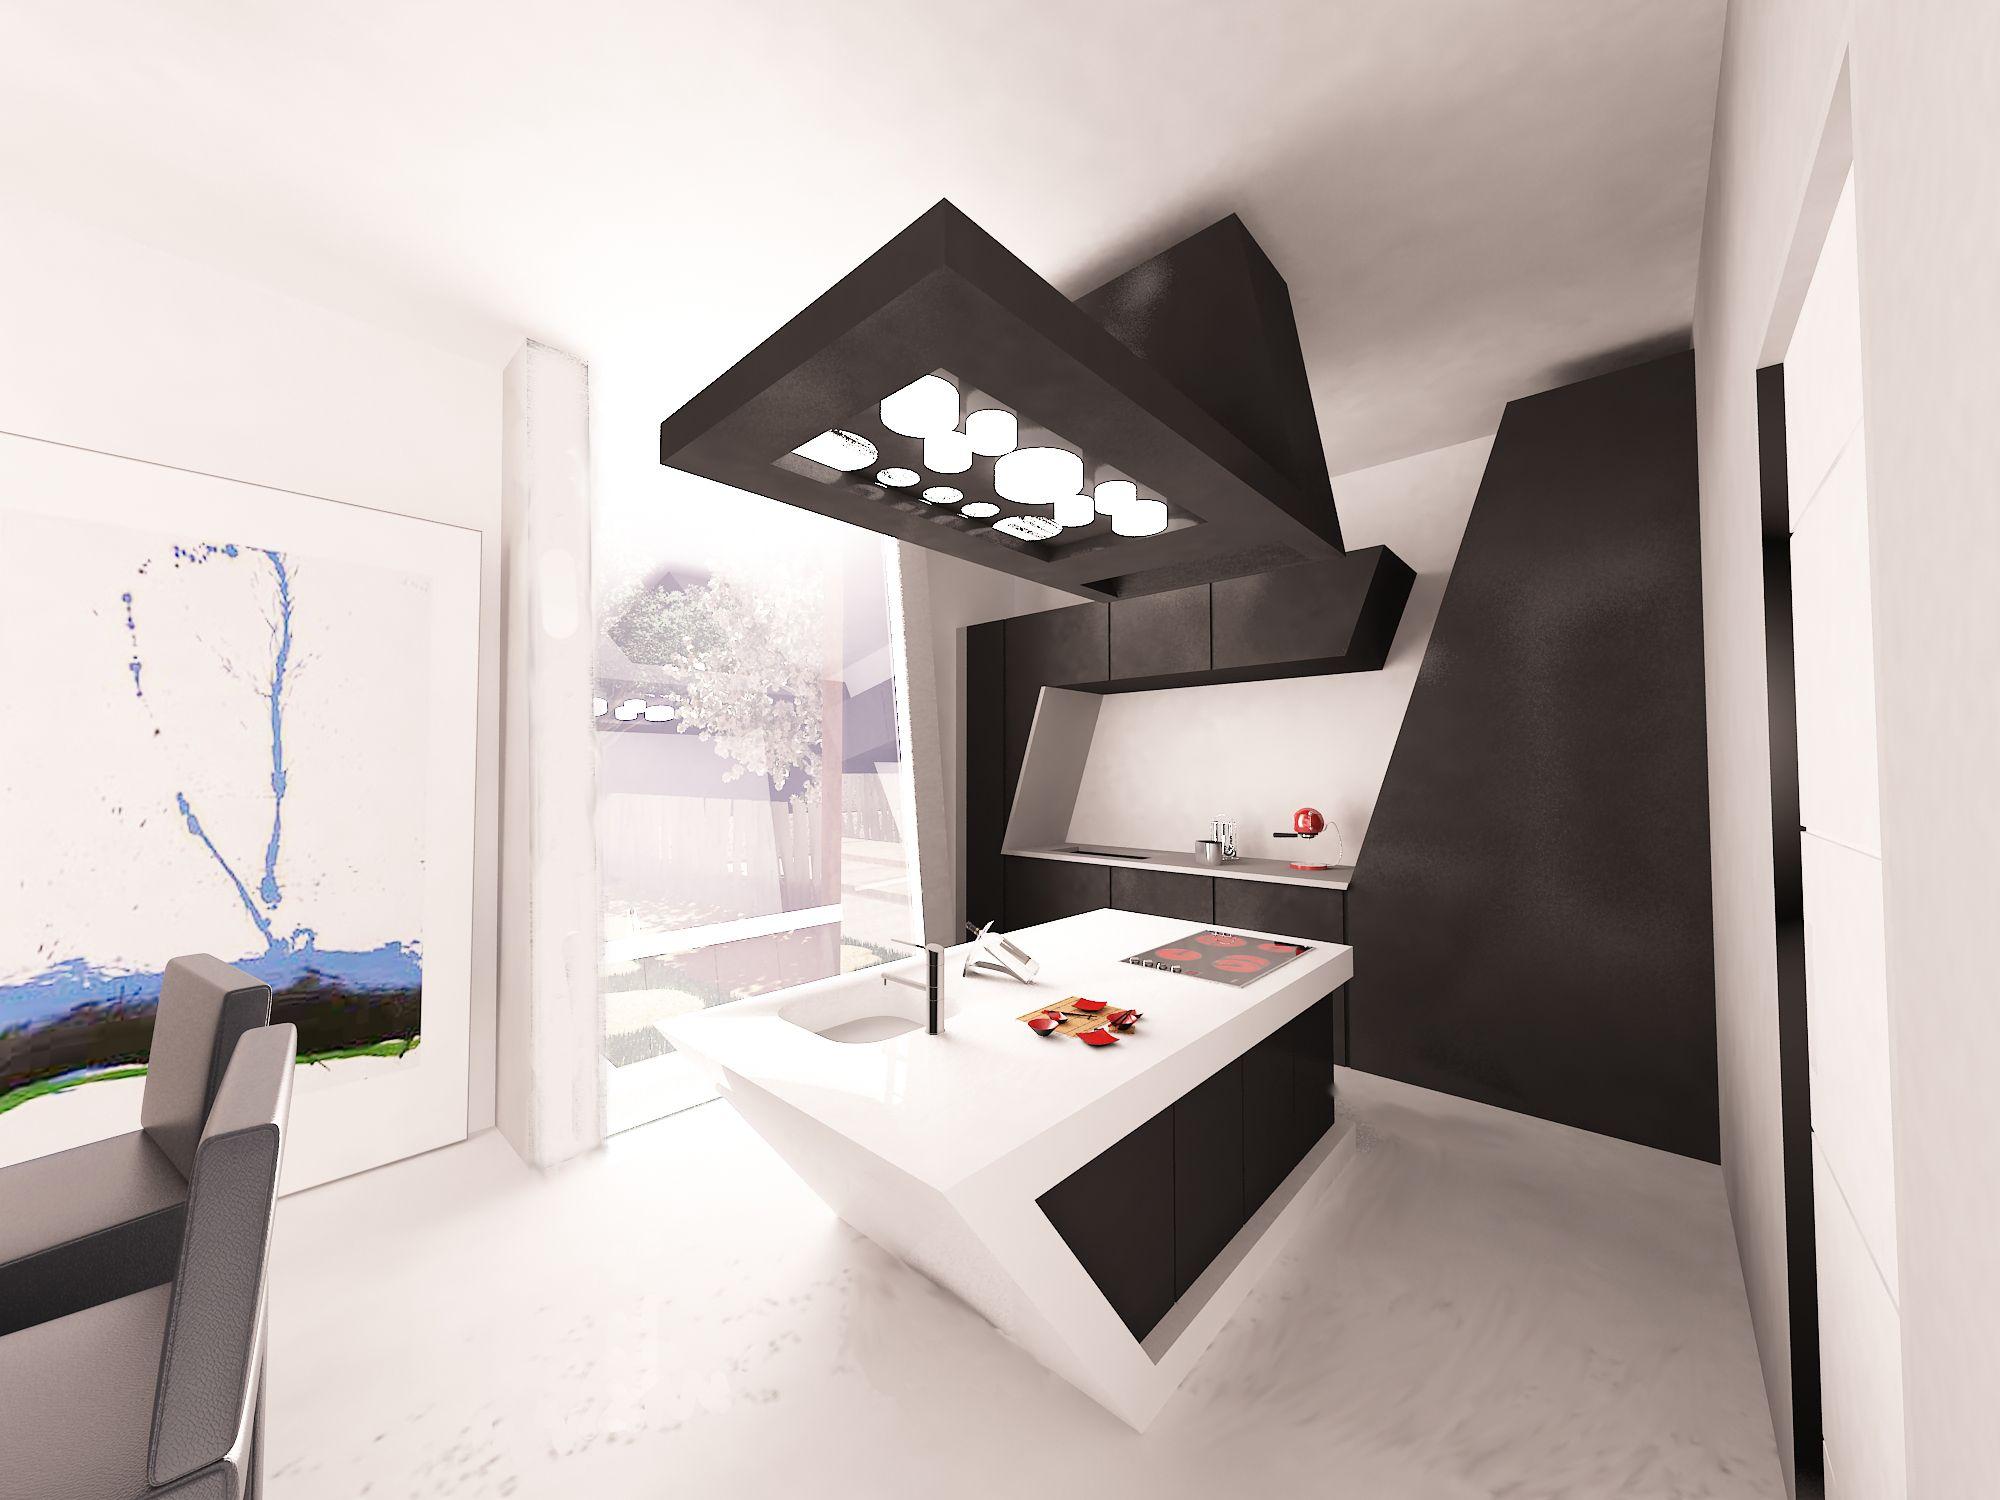 Cocina #vanguardista #decoracion via @planreforma #mobiliario de ...